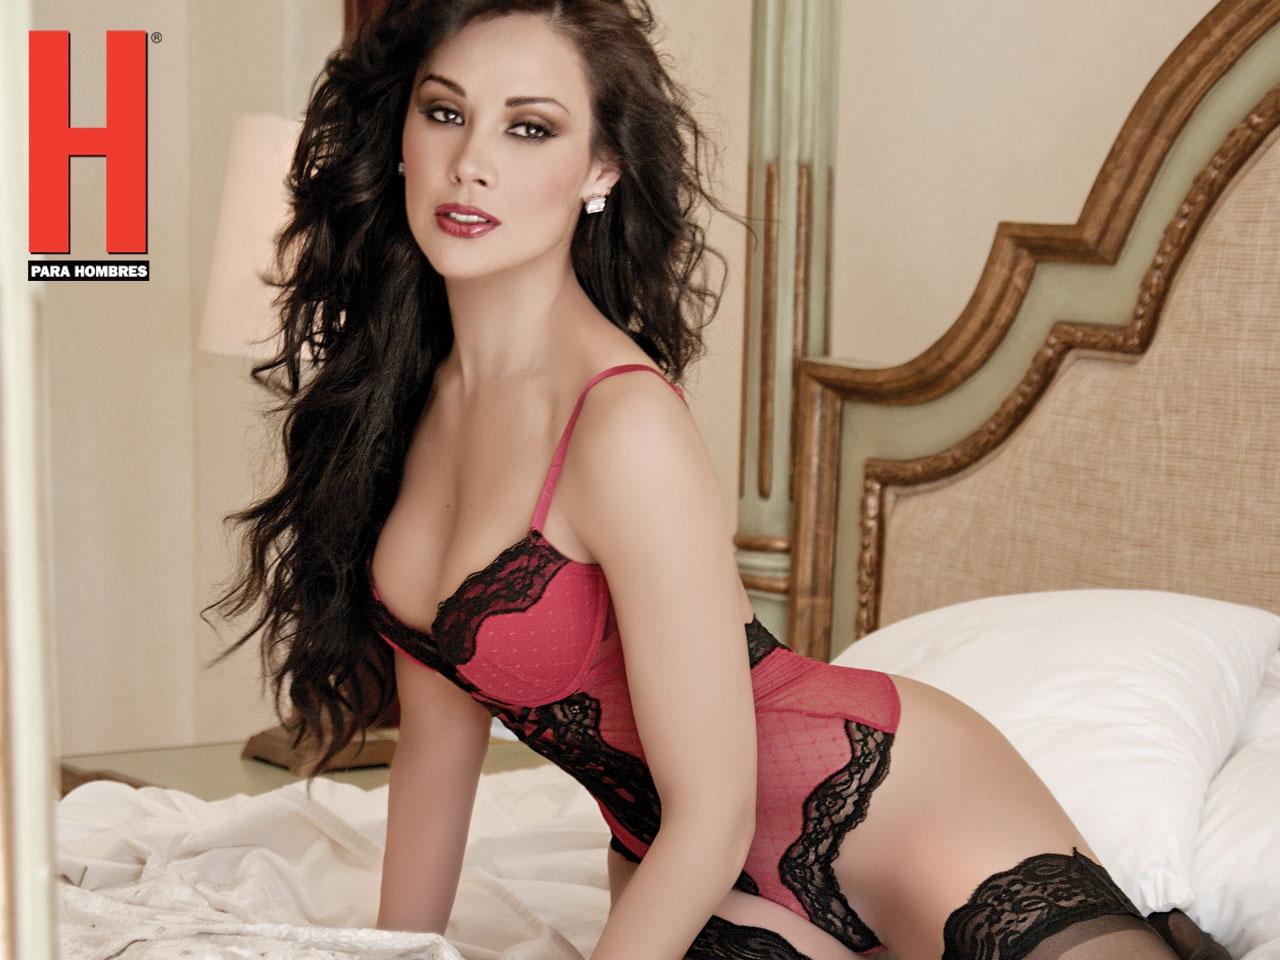 http://1.bp.blogspot.com/-S9U4_scWJpc/TmVi525Z40I/AAAAAAAAAAk/dAPe-YoY7Wg/s1600/No.+148+-+Septiembre+2011+%25281%2529.jpg